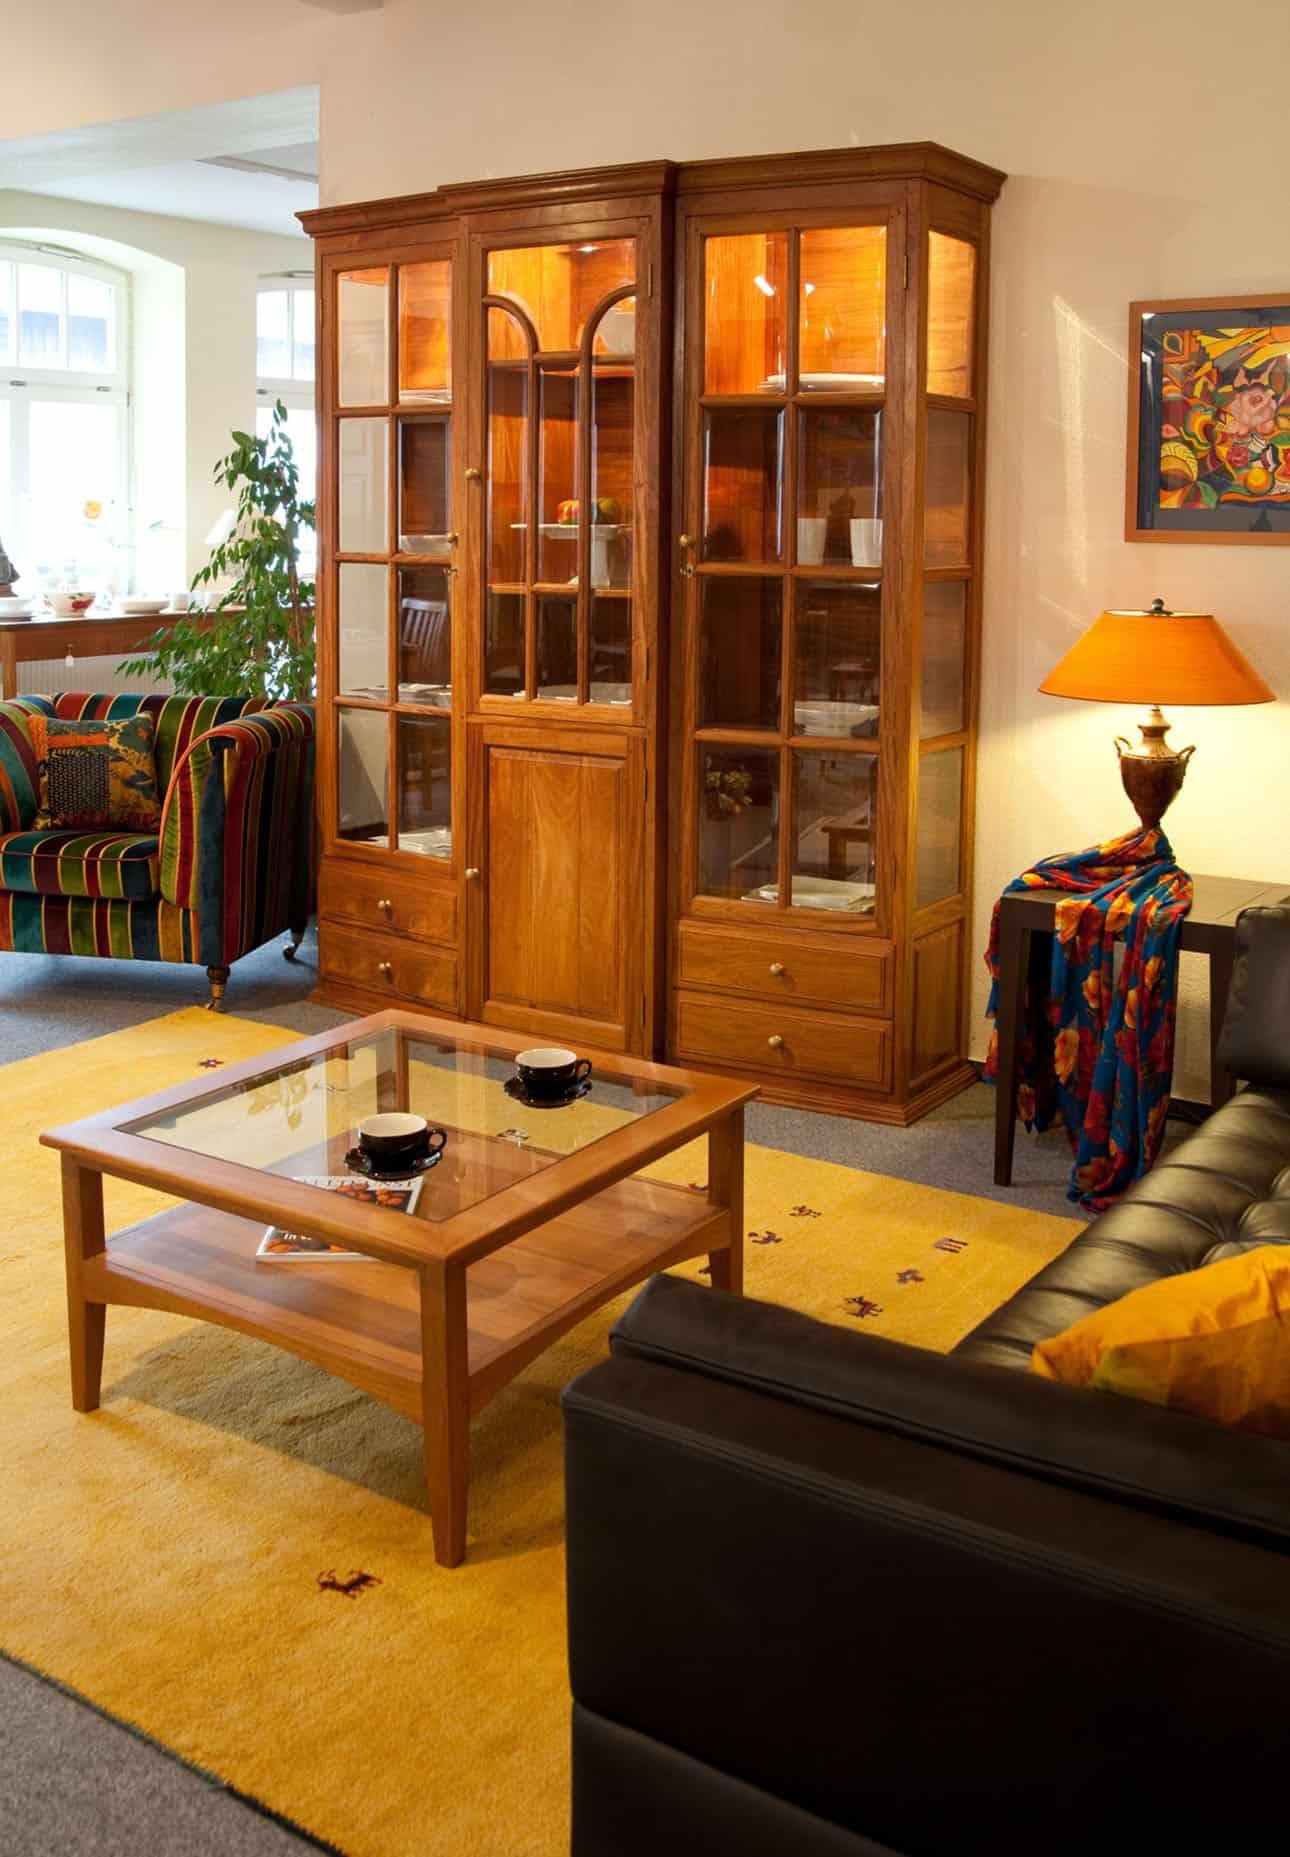 Galerie Himmelsweg10